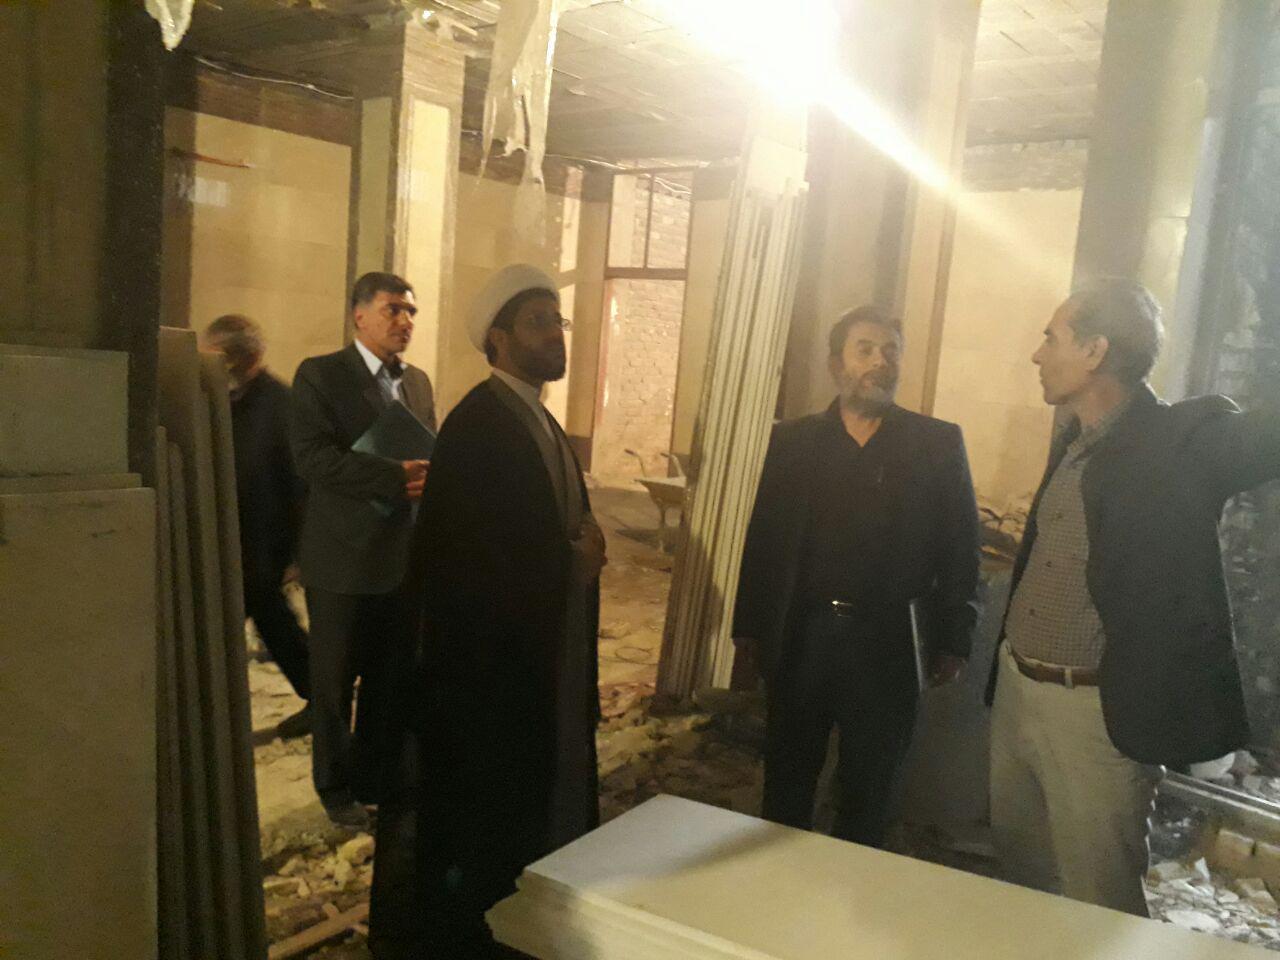 بازدید حاج آقا هاشمی امام جمعه محترم ( رئیس هیات امناء امزاده)،آقای آزادگی رئیس محترم اداره اوقاف،م